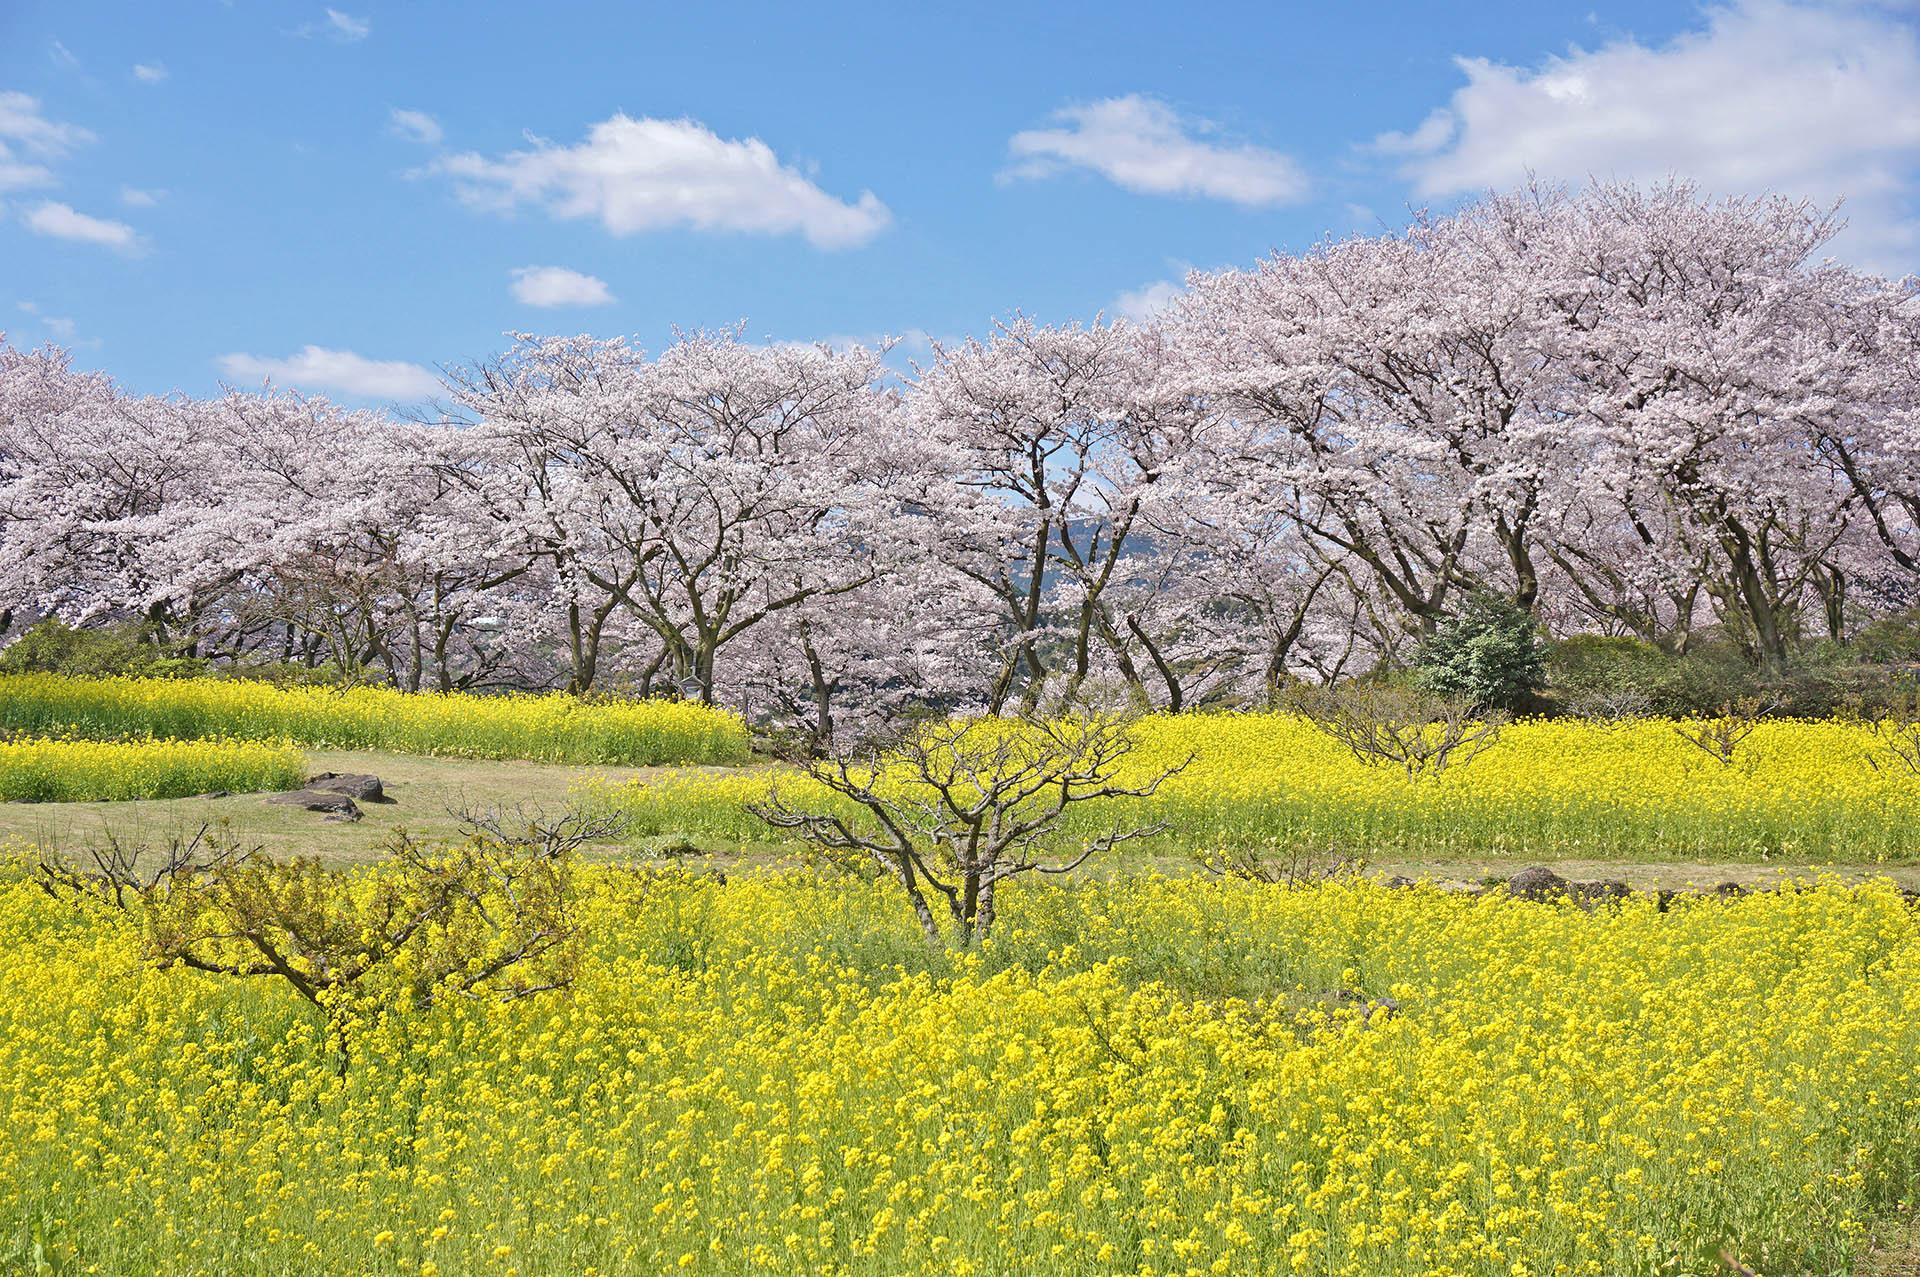 東山公園の頂上に咲く桜と菜の花